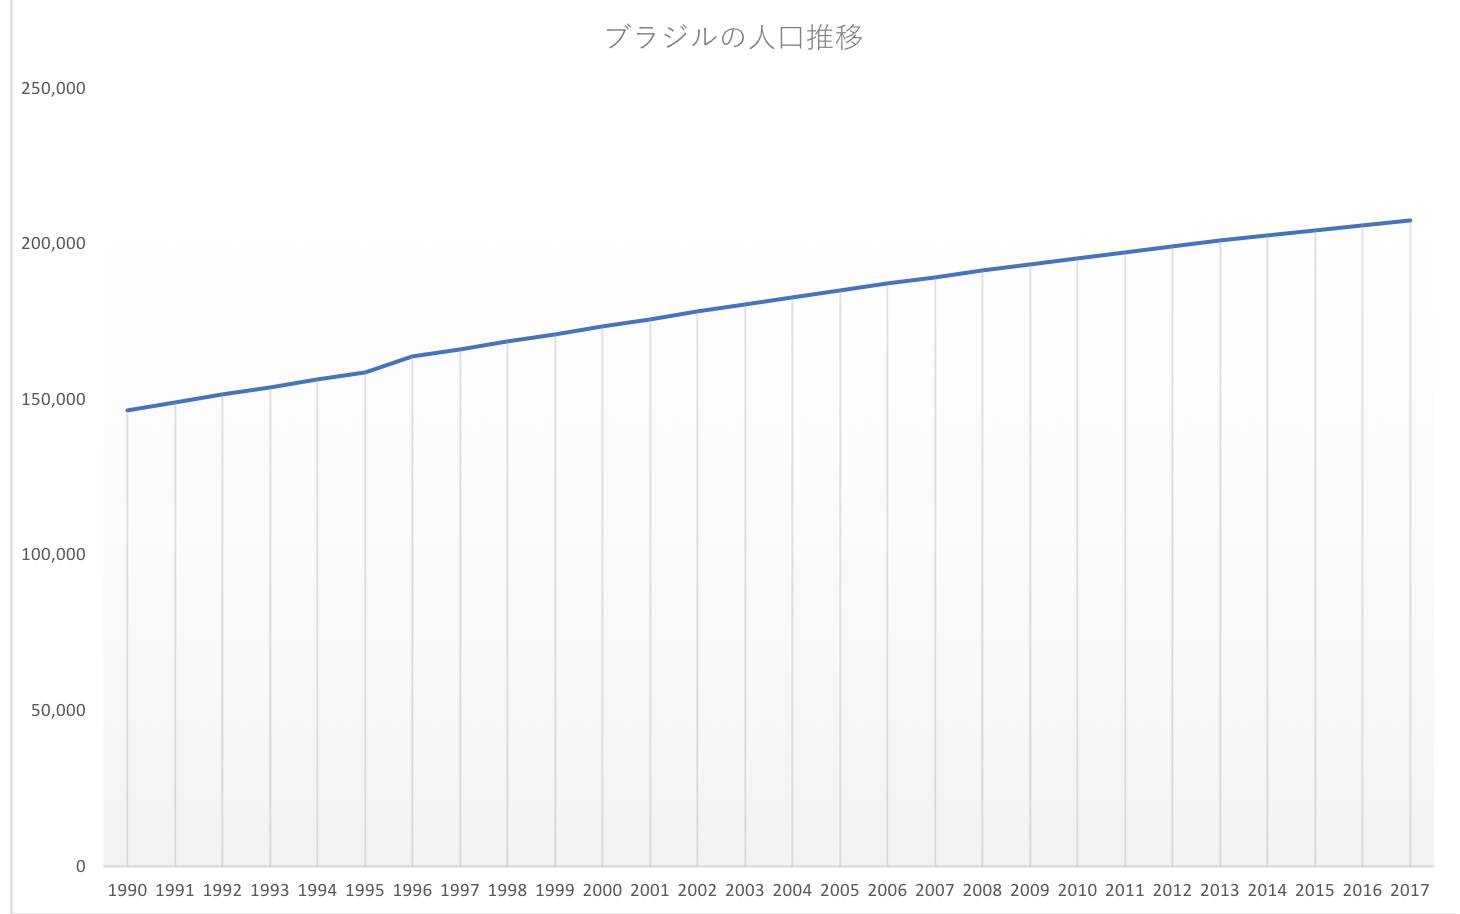 ブラジルの人口推移